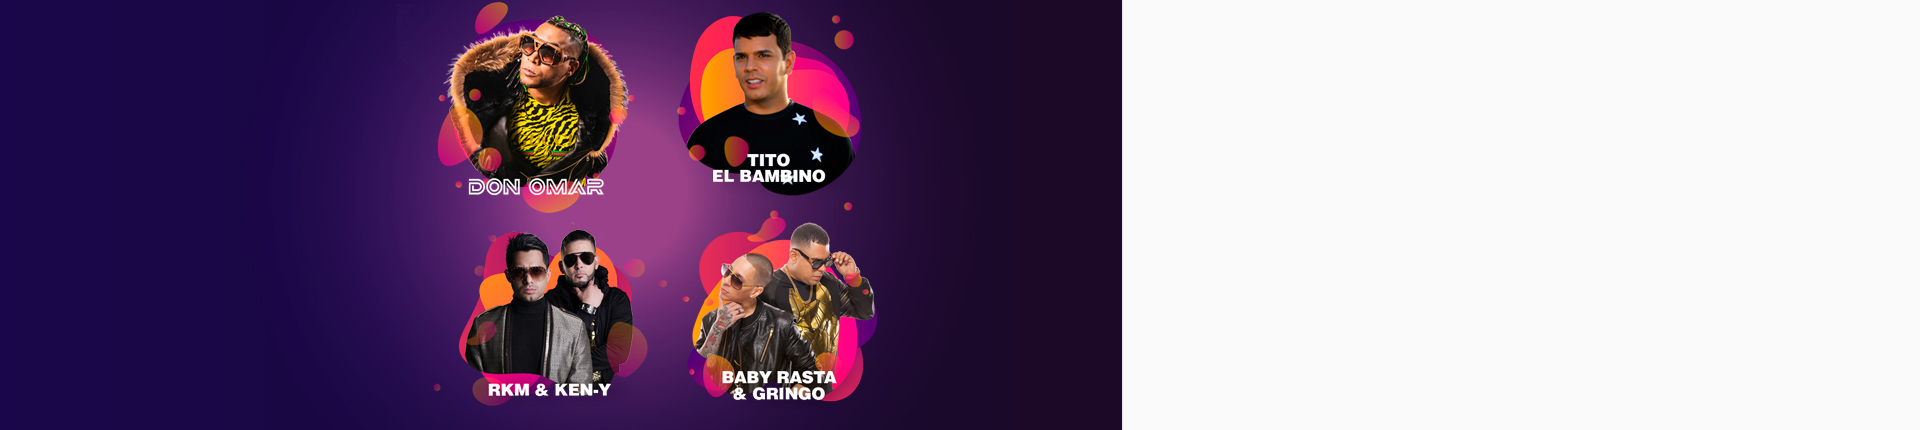 FESTIVAL BARRIO LATINO 5 - Club El Comercio Perú.